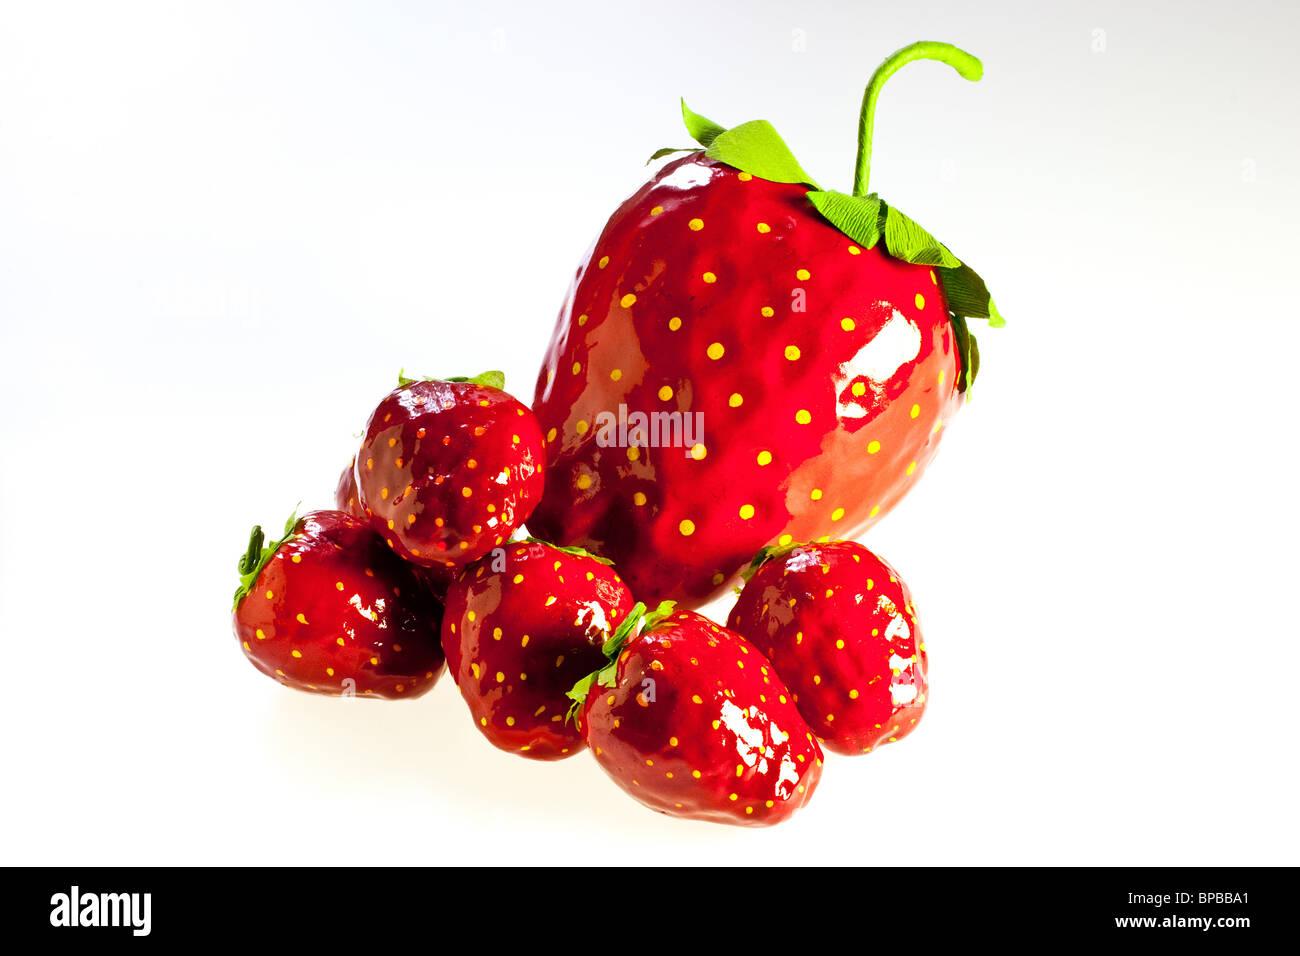 große Strawberryes im papier aus Pappmaché auf weißen Grund Stockbild